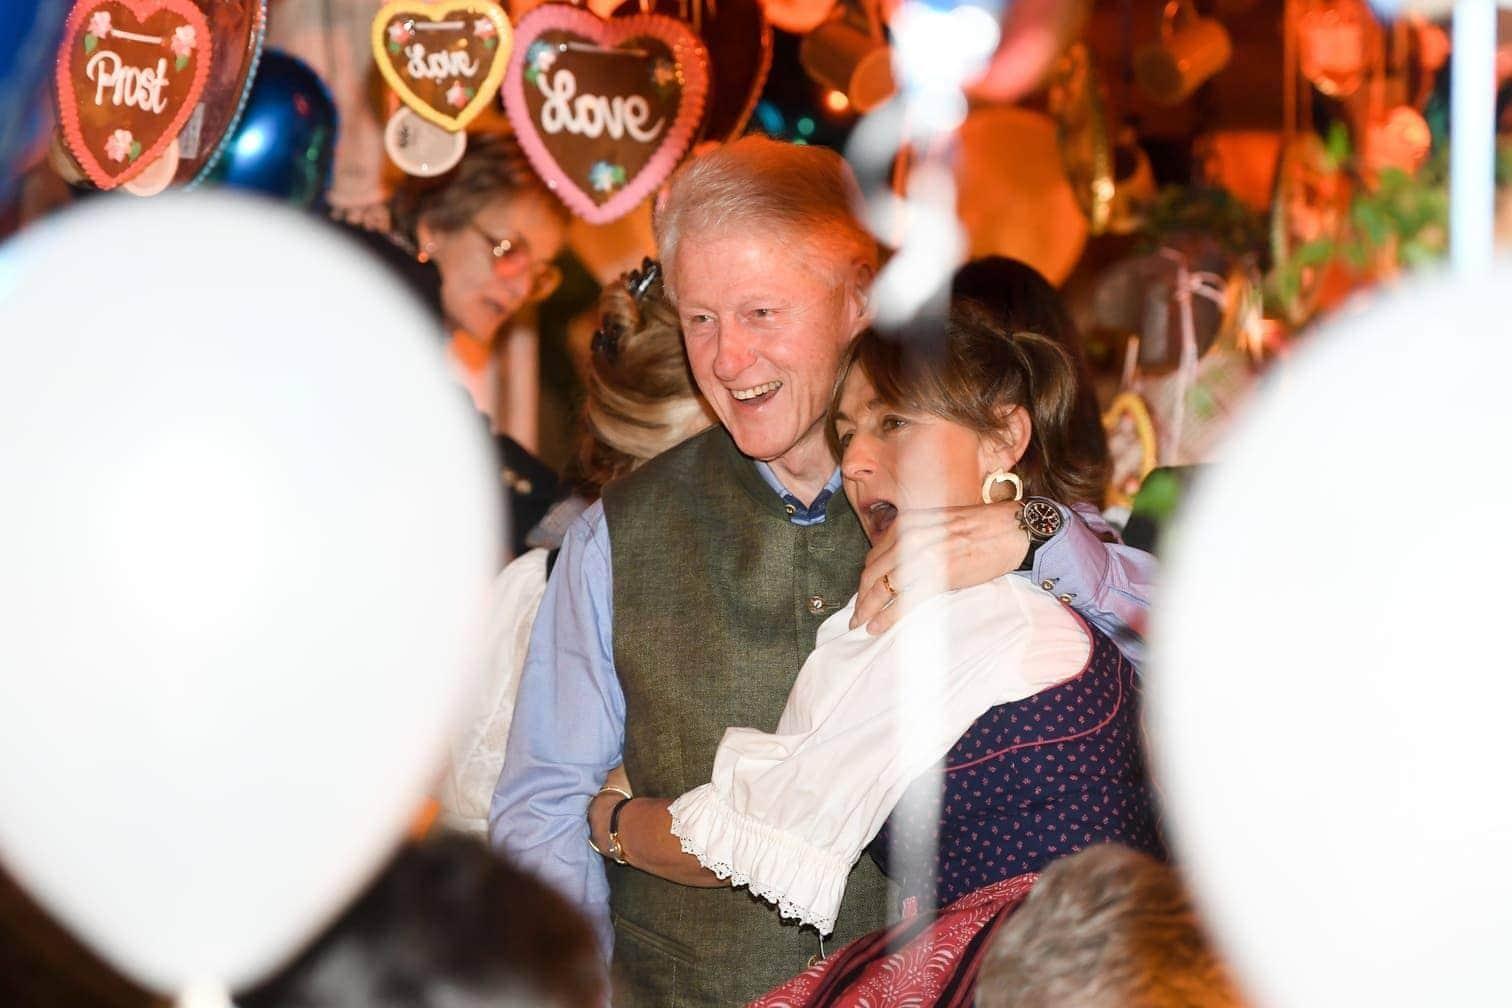 <p>Die Ex-Präsidentschaftskandidatin und der frühere US-Präsident kamen am Freitagabend - begleitet von großem Polizeiaufgebot - in das bei Promis traditionell beliebte Käfer-Zelt.</p> Foto: dpa/Tobias Hase